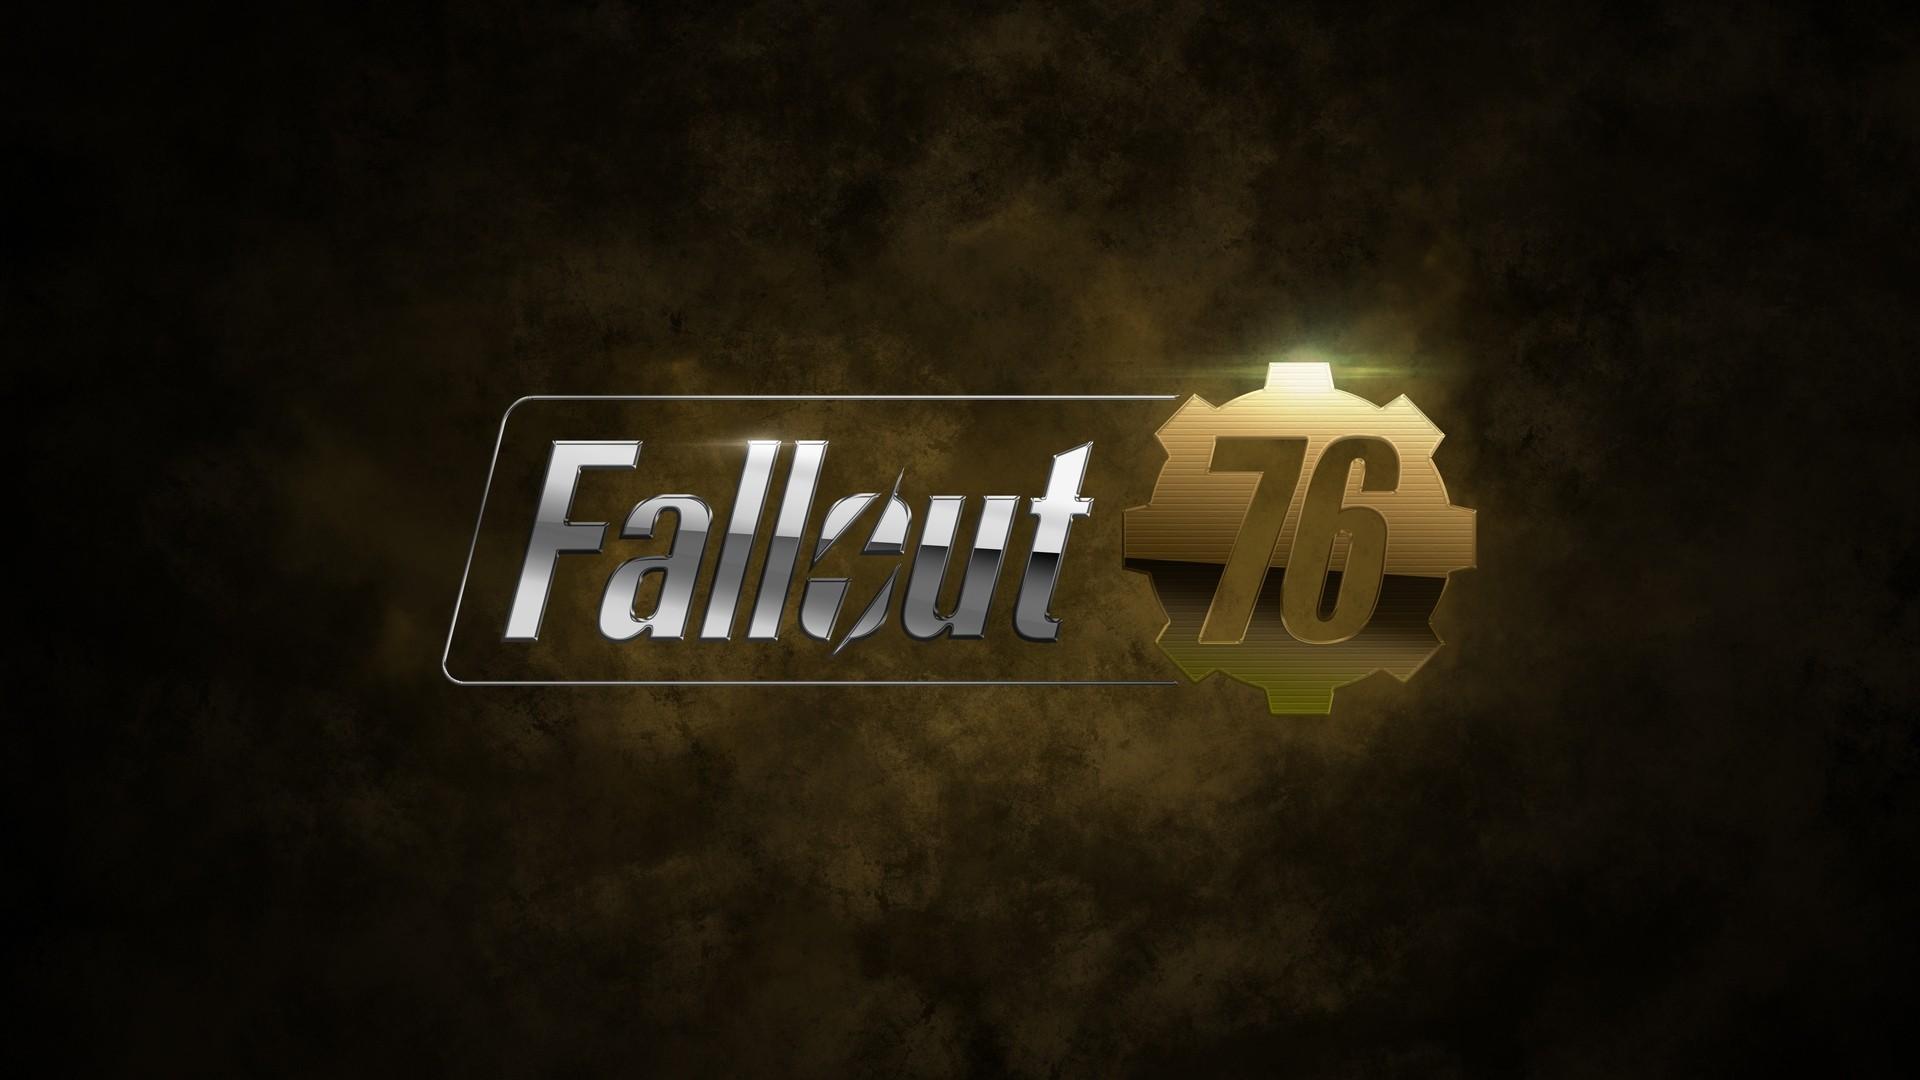 Fallout 76 PC Wallpaper